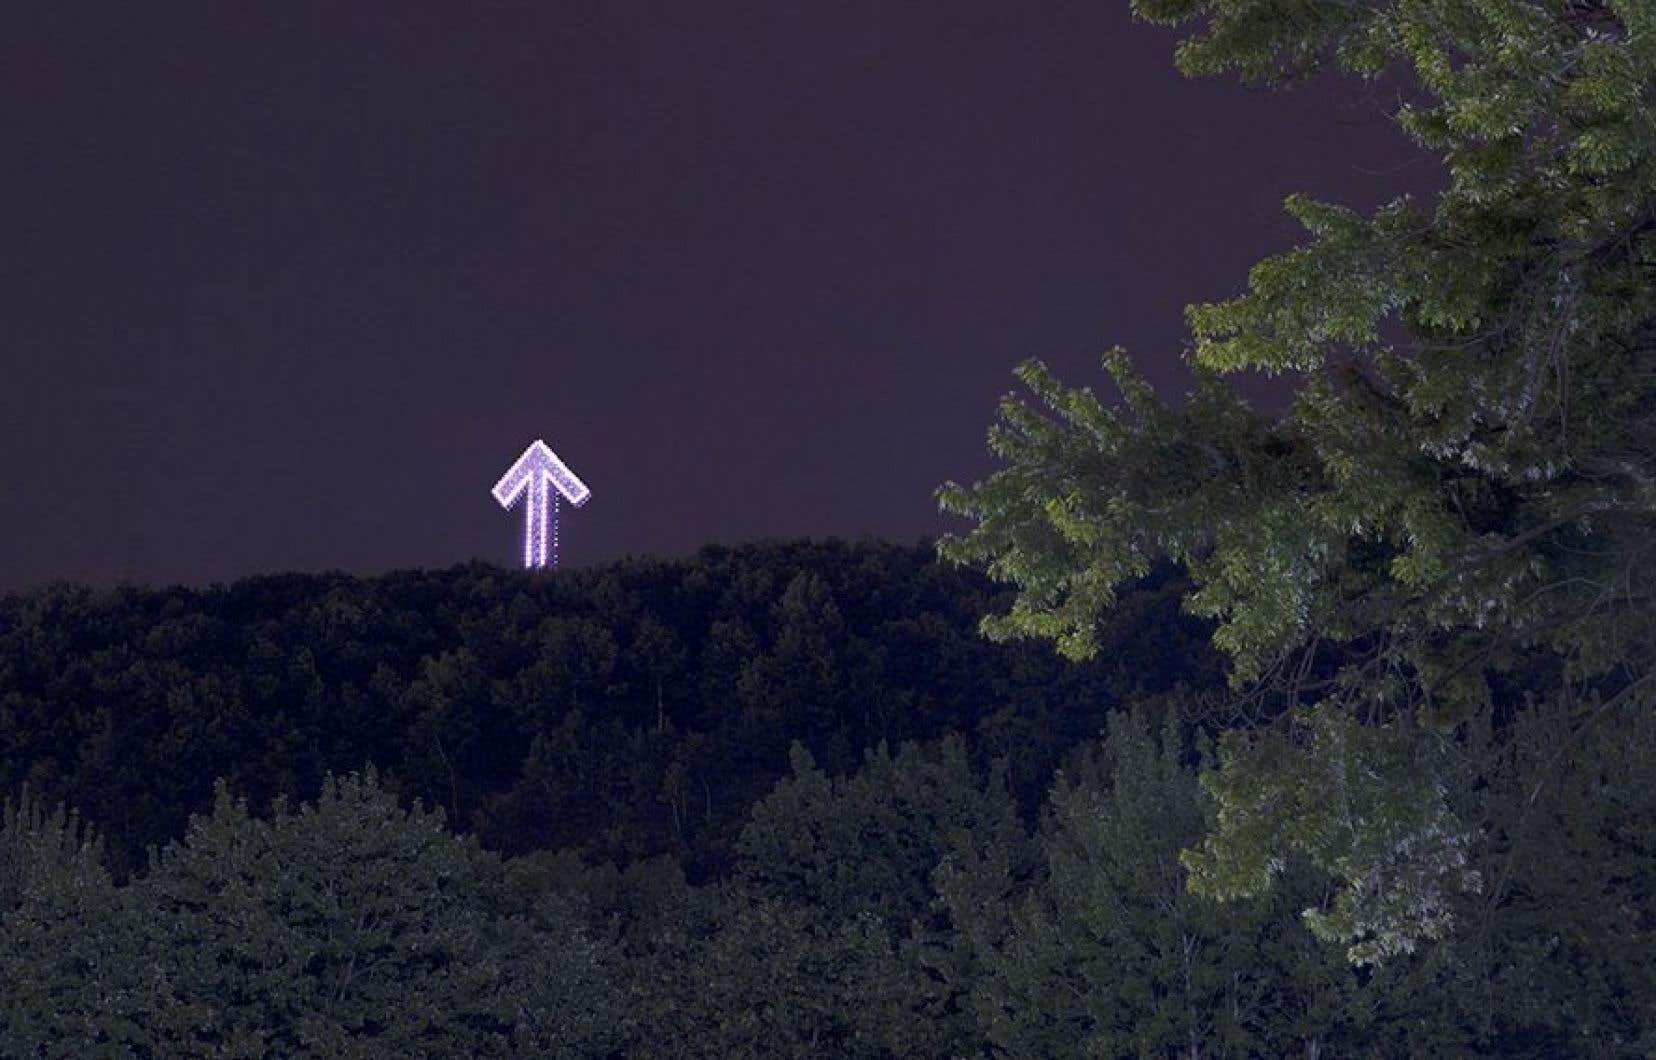 Les deux artistes ont imaginé la croix du mont Royal en flèche lumineuse qui pointe vers le ciel, dans une exposition récente au Centre Clark.